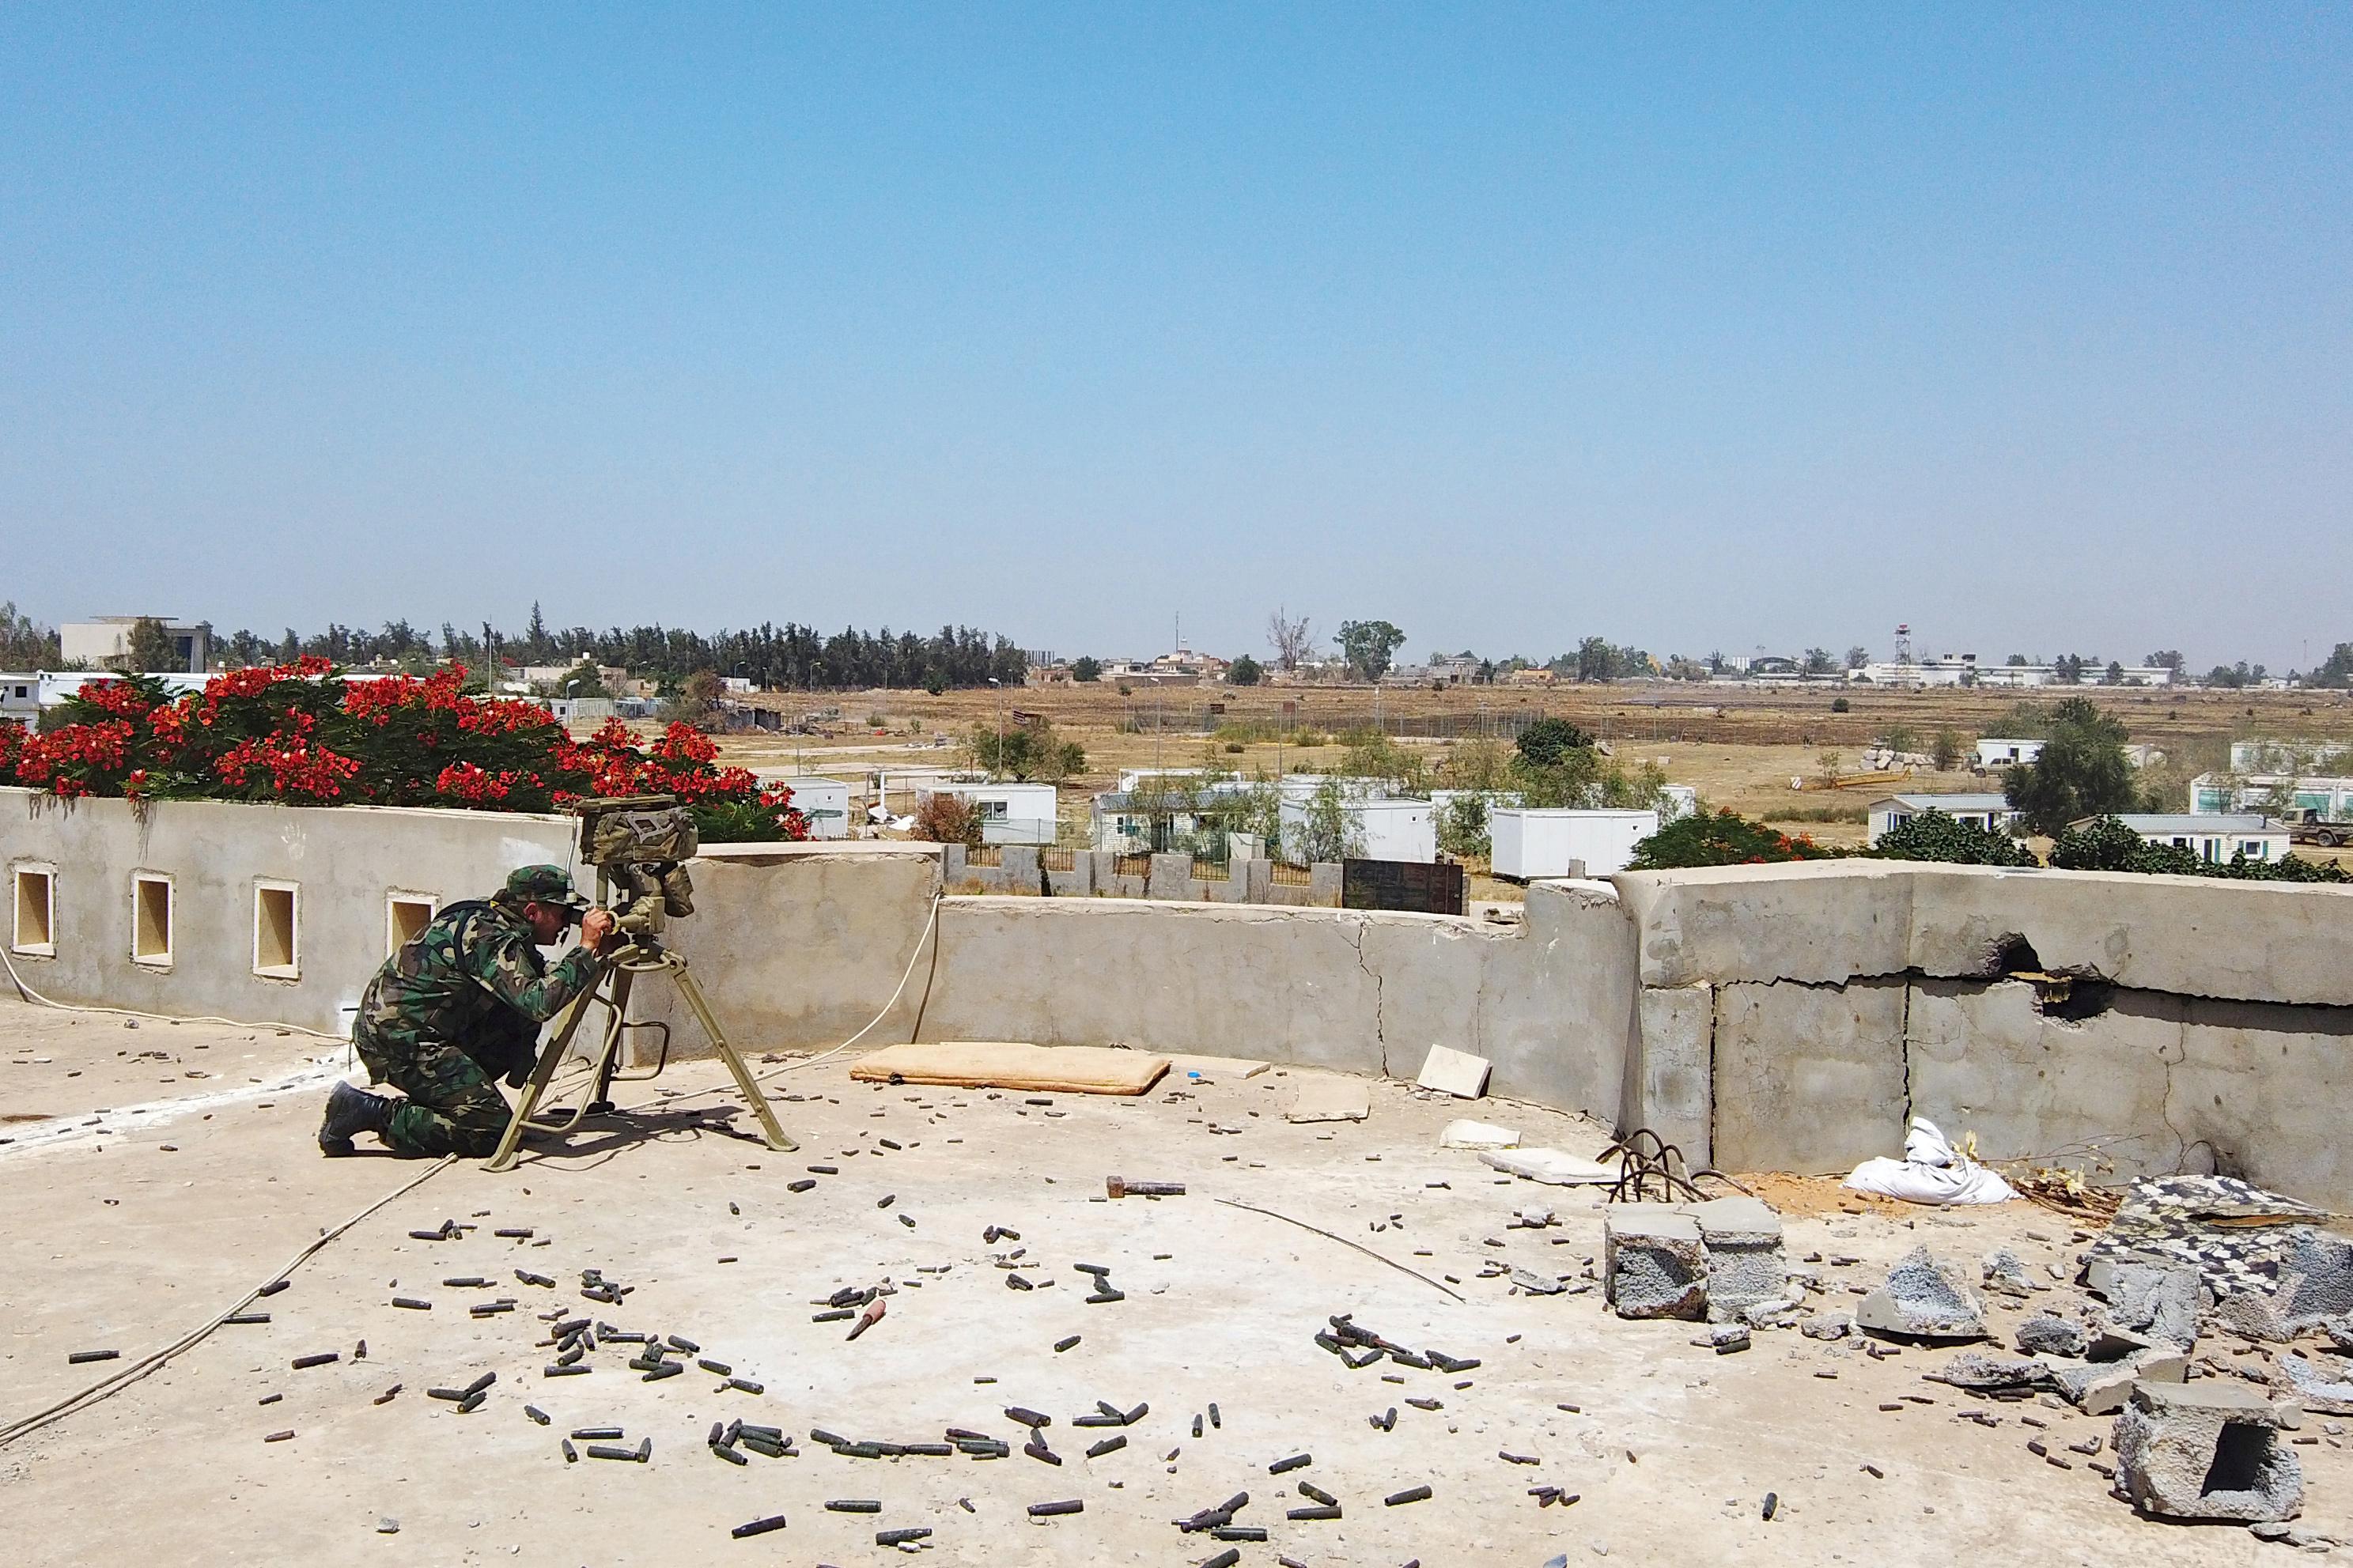 Οι δυνάμεις του στρατάρχη Χαφτάρ προκάλεσαν εκτεταμένες ζημιές σε αεροδρόμιο στη Ζουάρα